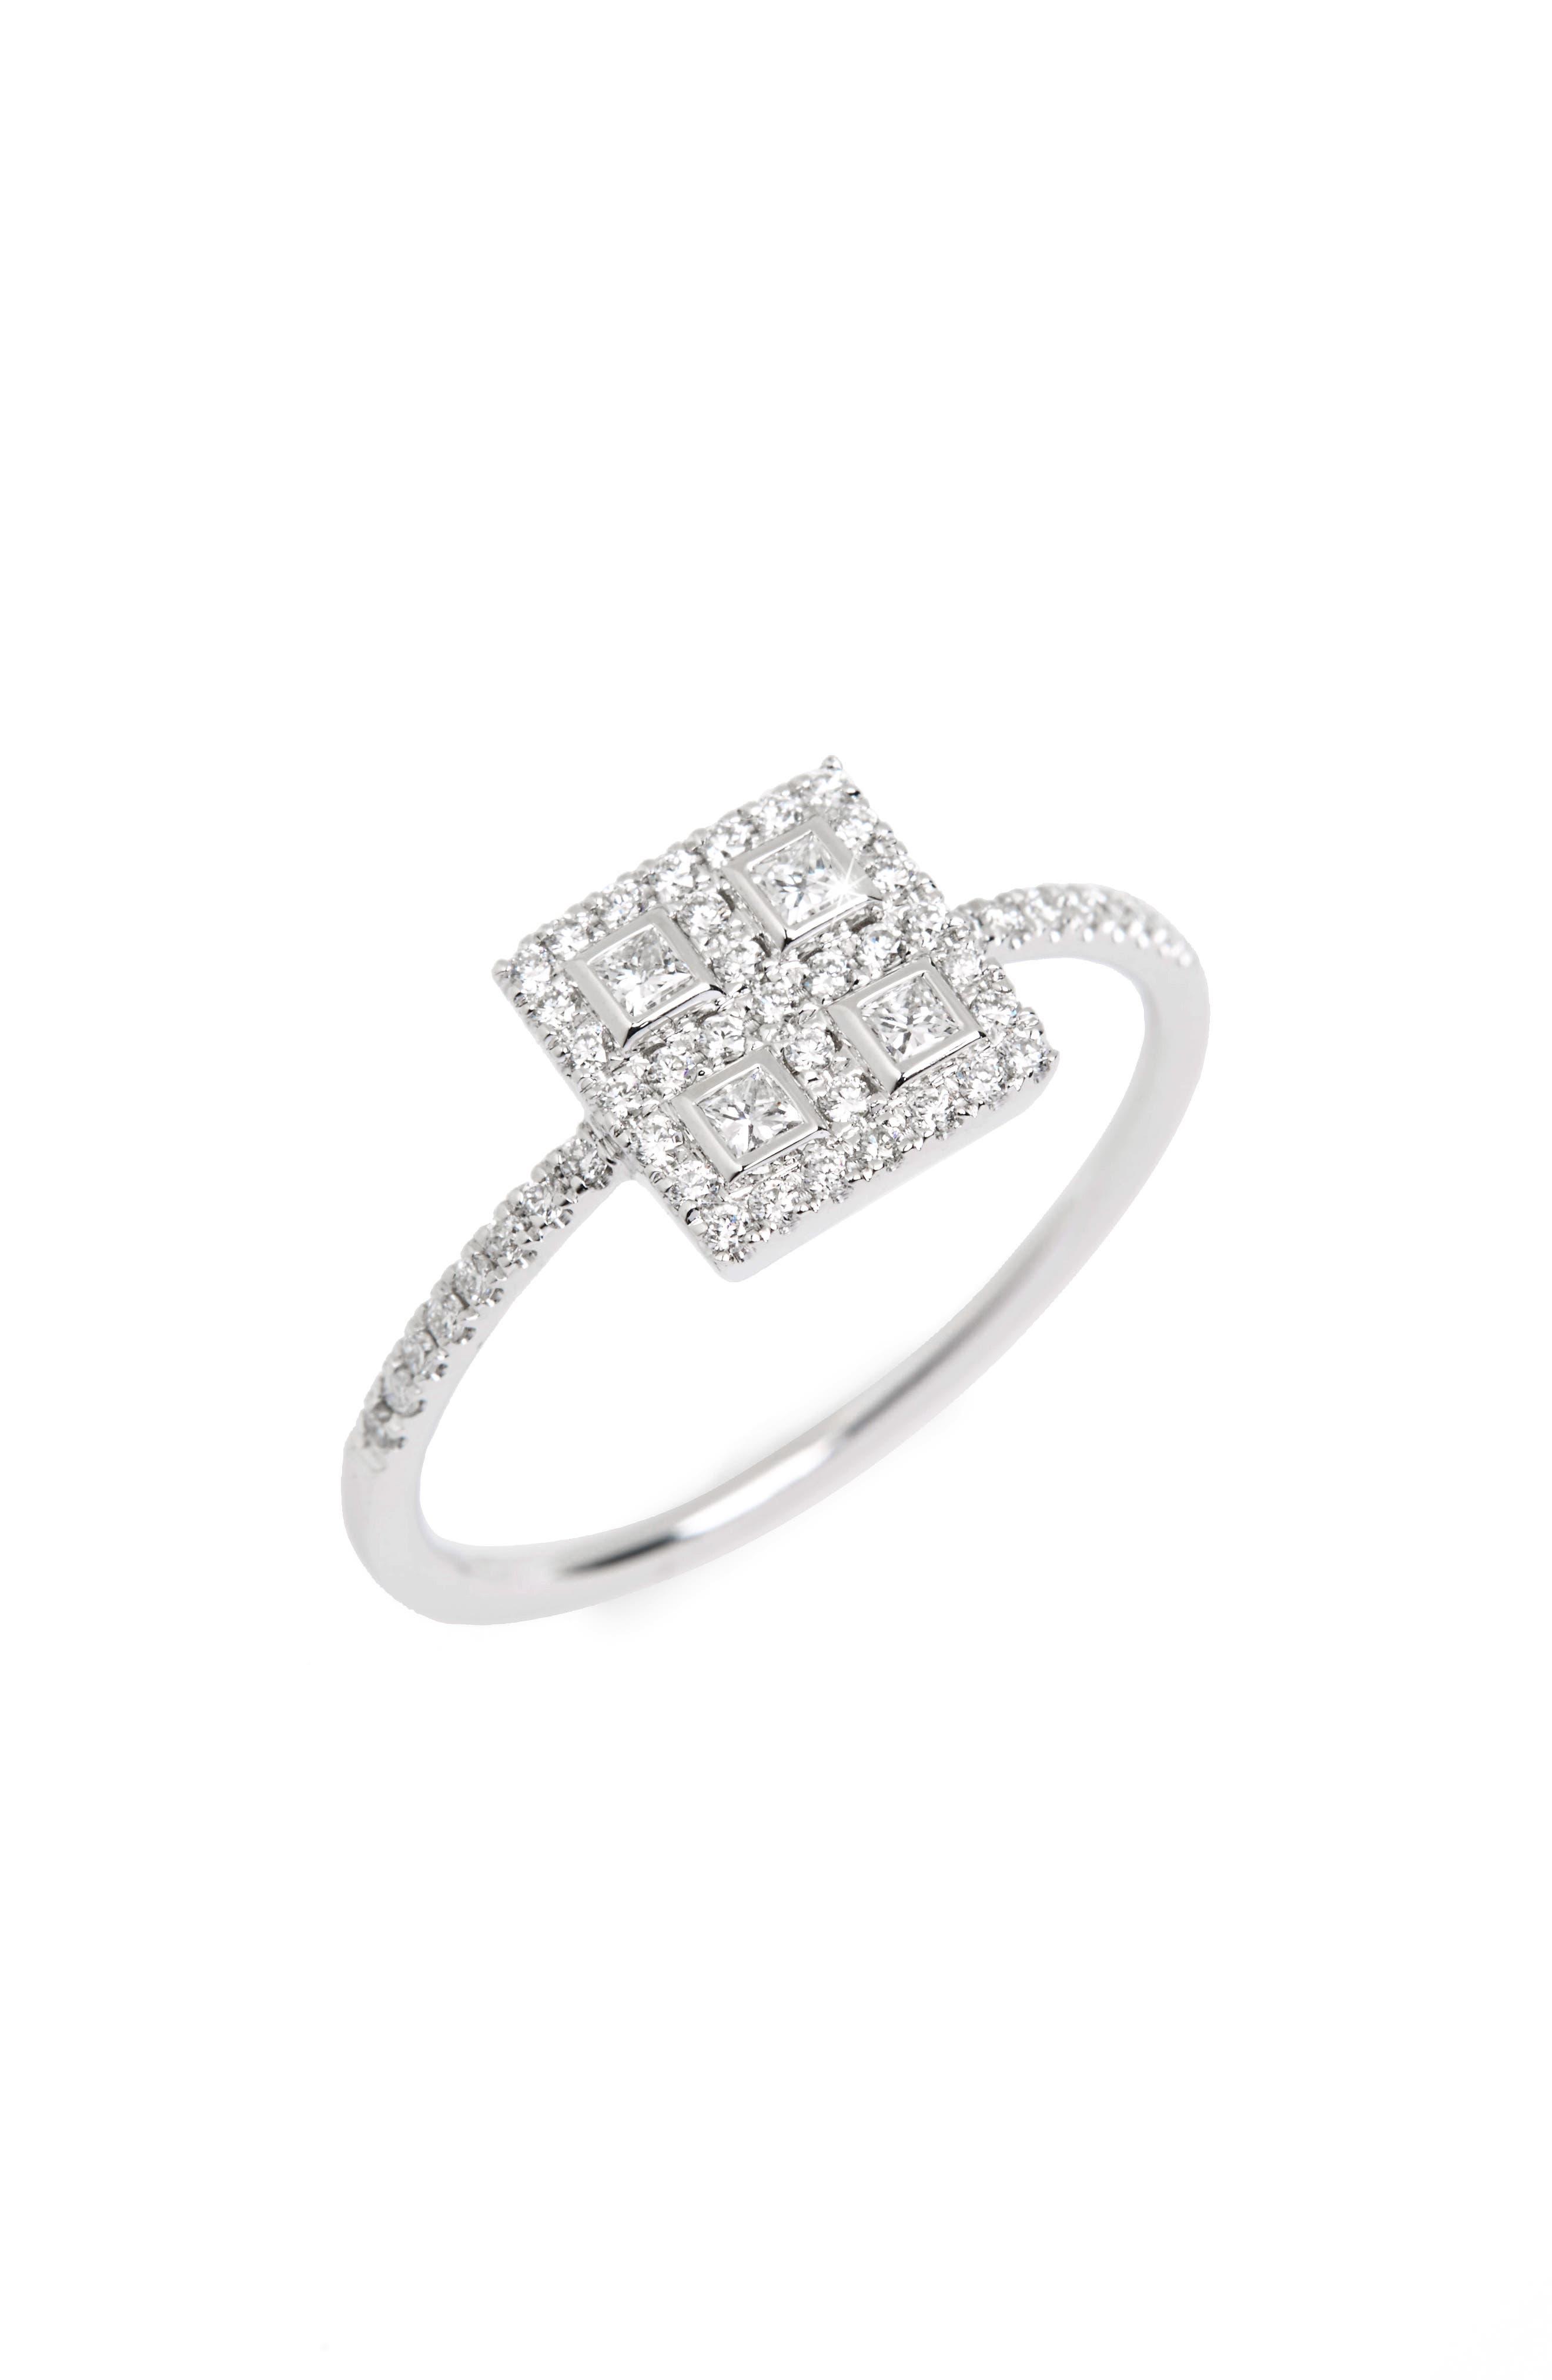 Amara Diamond Square Ring,                         Main,                         color, White Gold